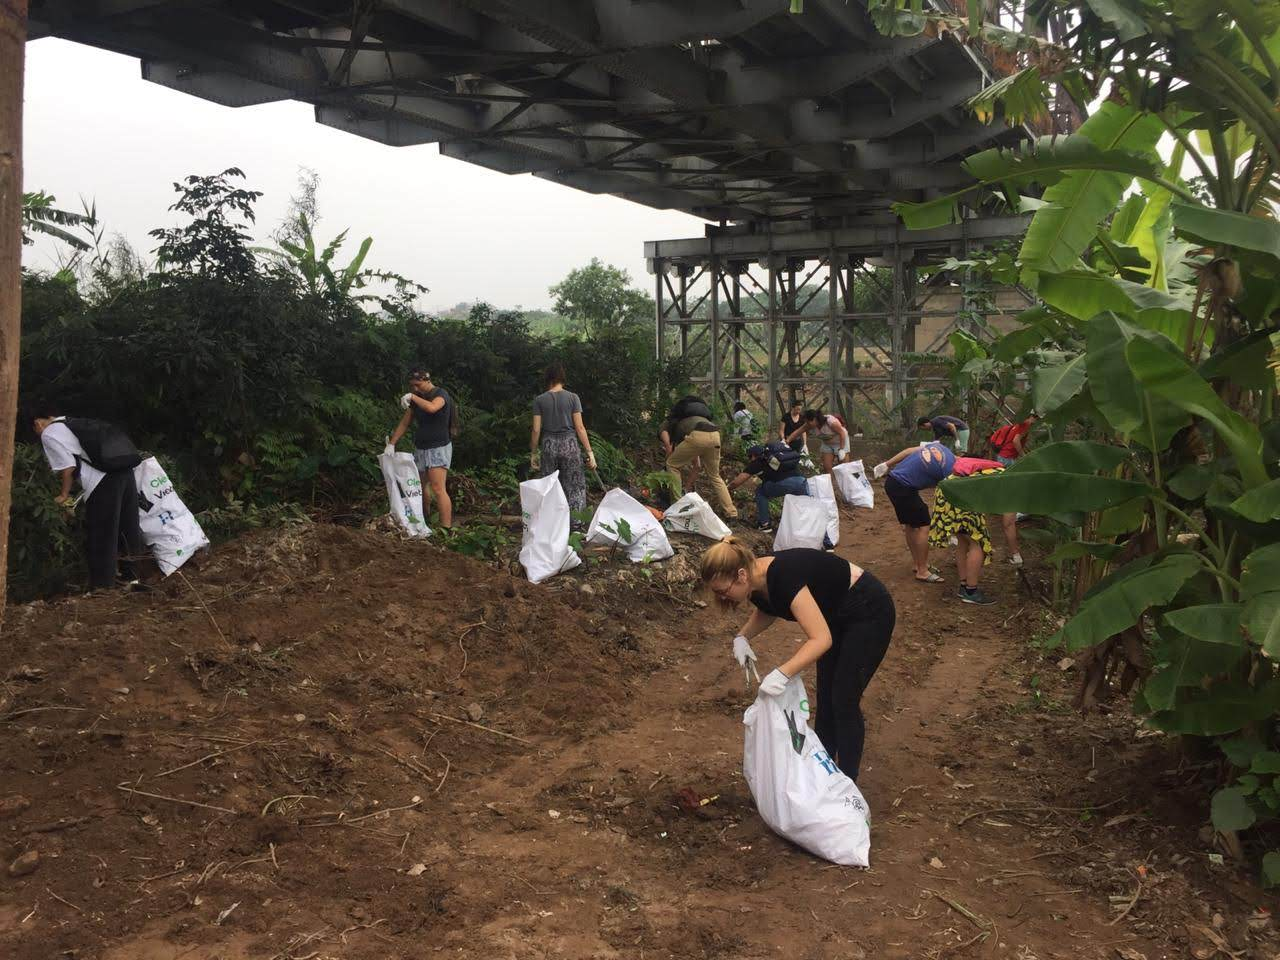 Trả lại màu xanh cho Đảo Chuối (16/7/2019)